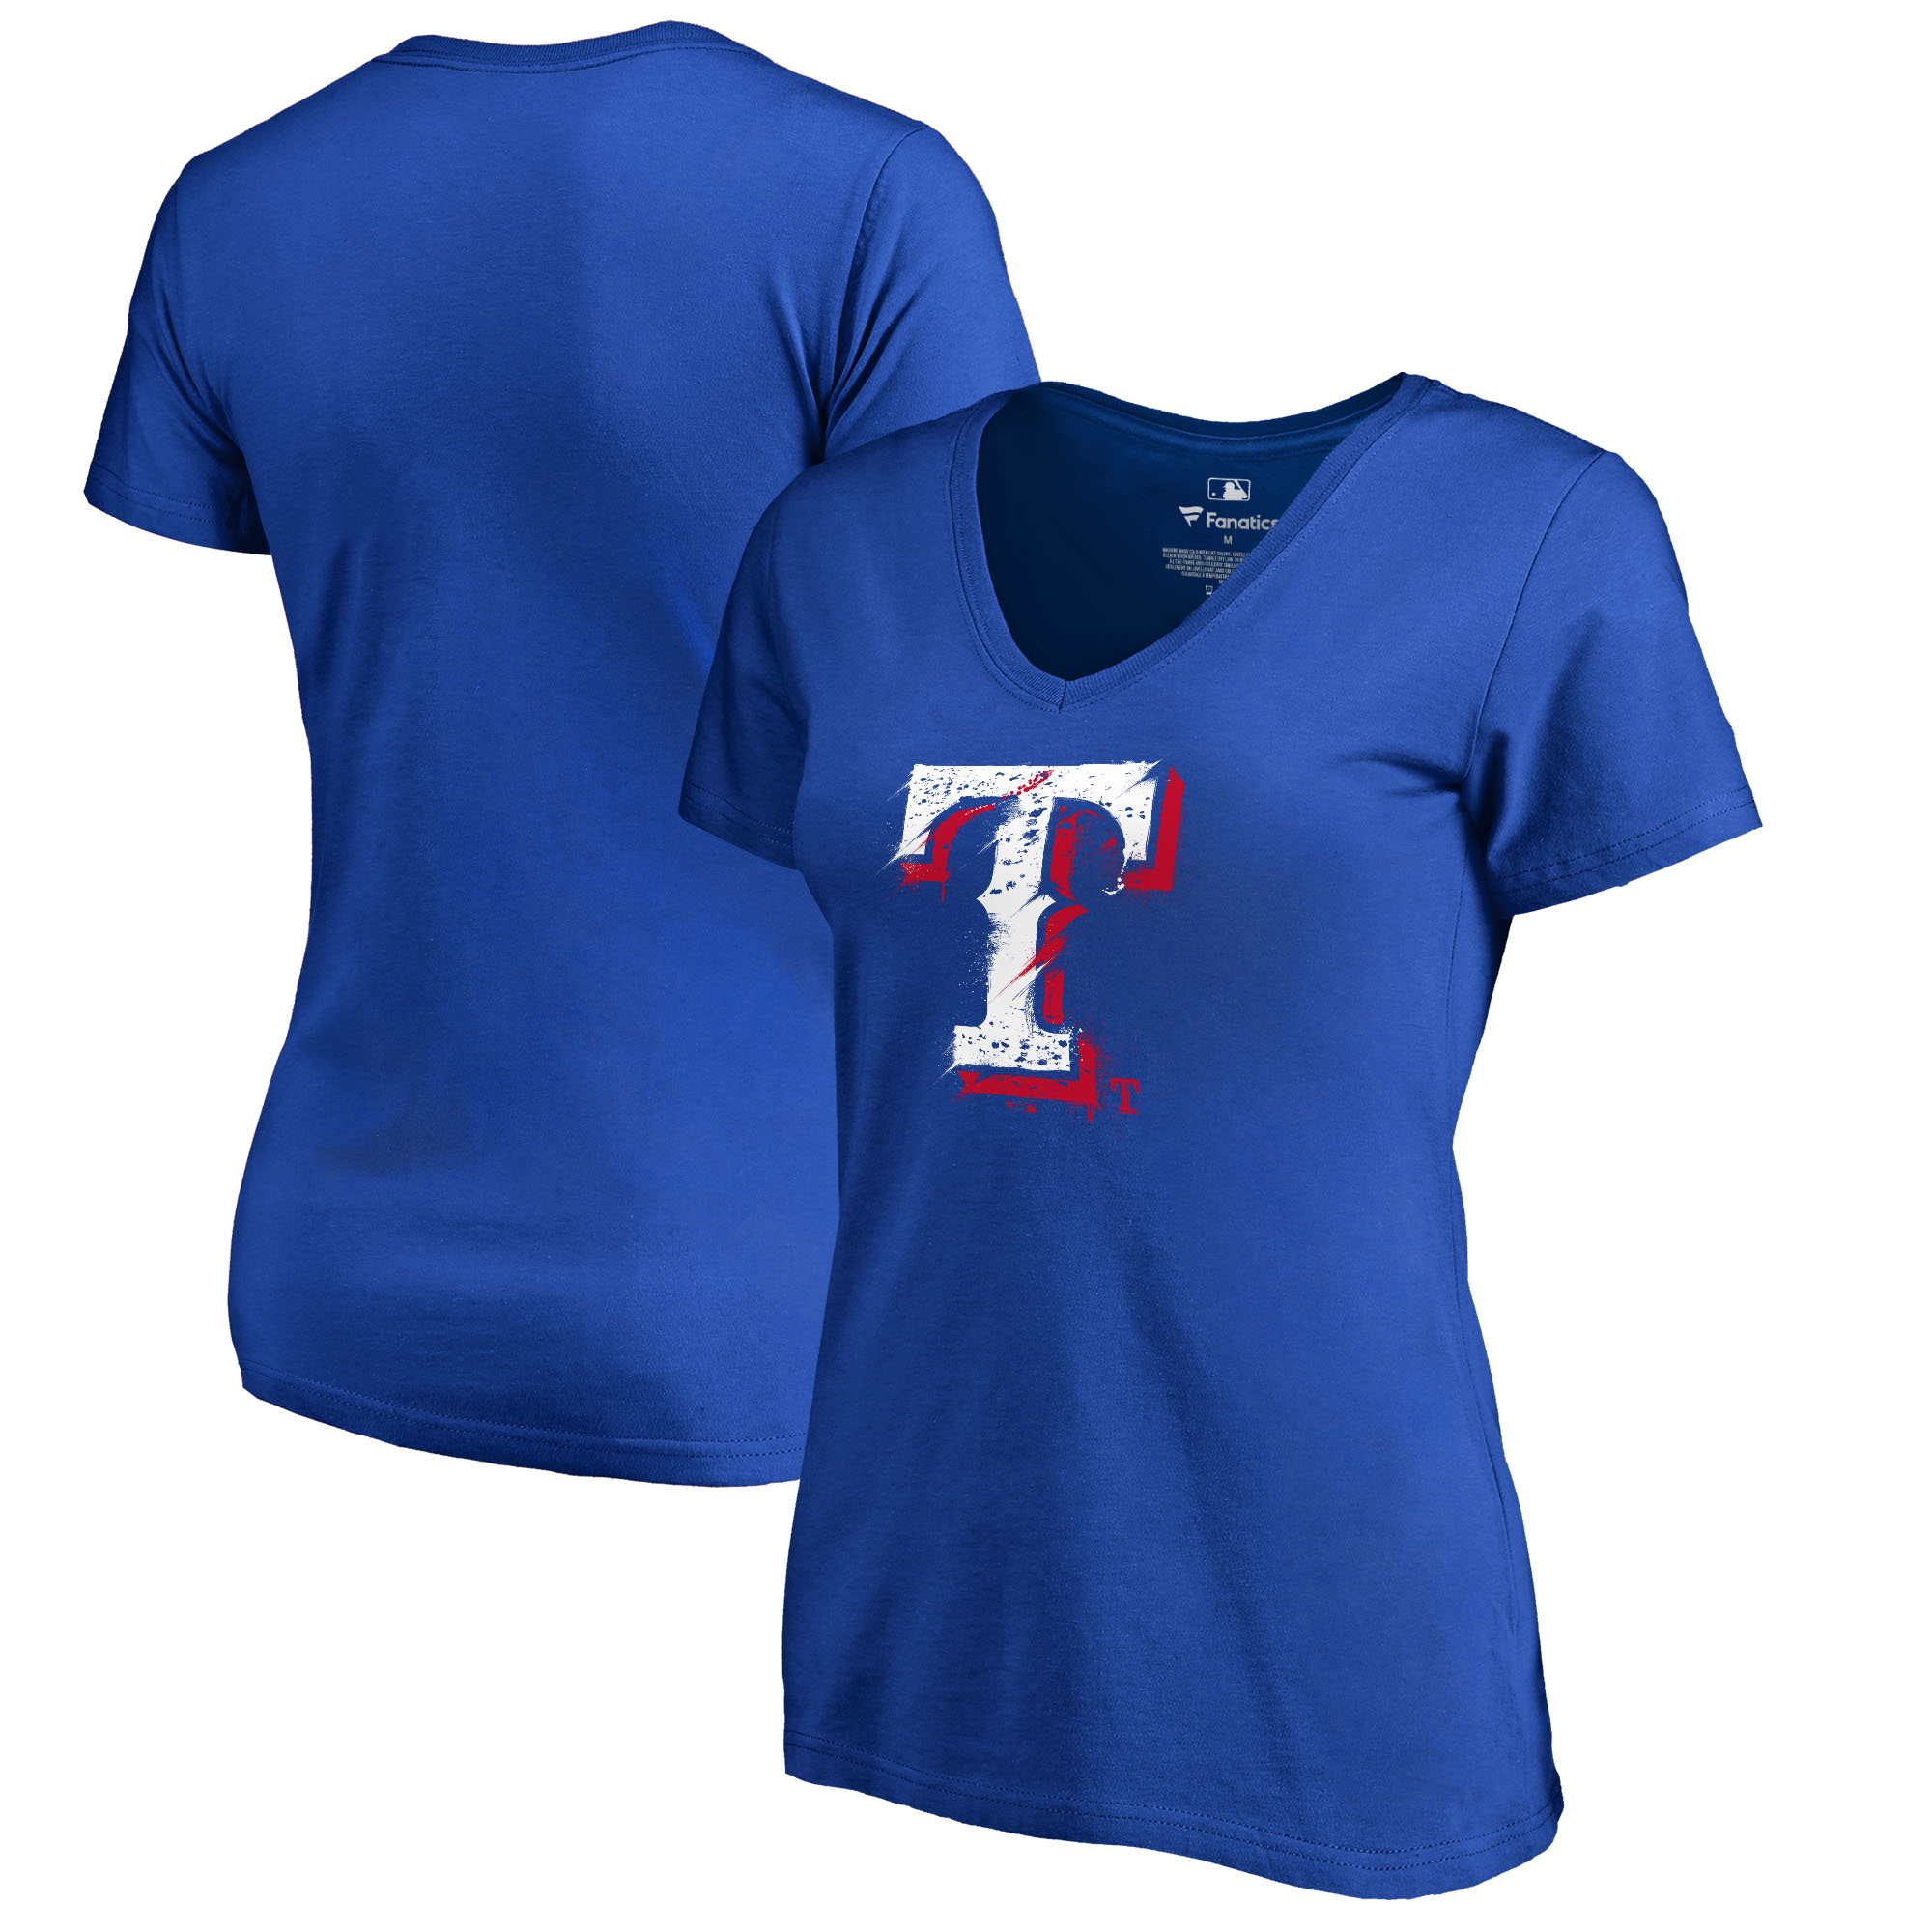 Texas Rangers Fanatics Branded Women's Splatter Logo V-Neck T-Shirt - Royal